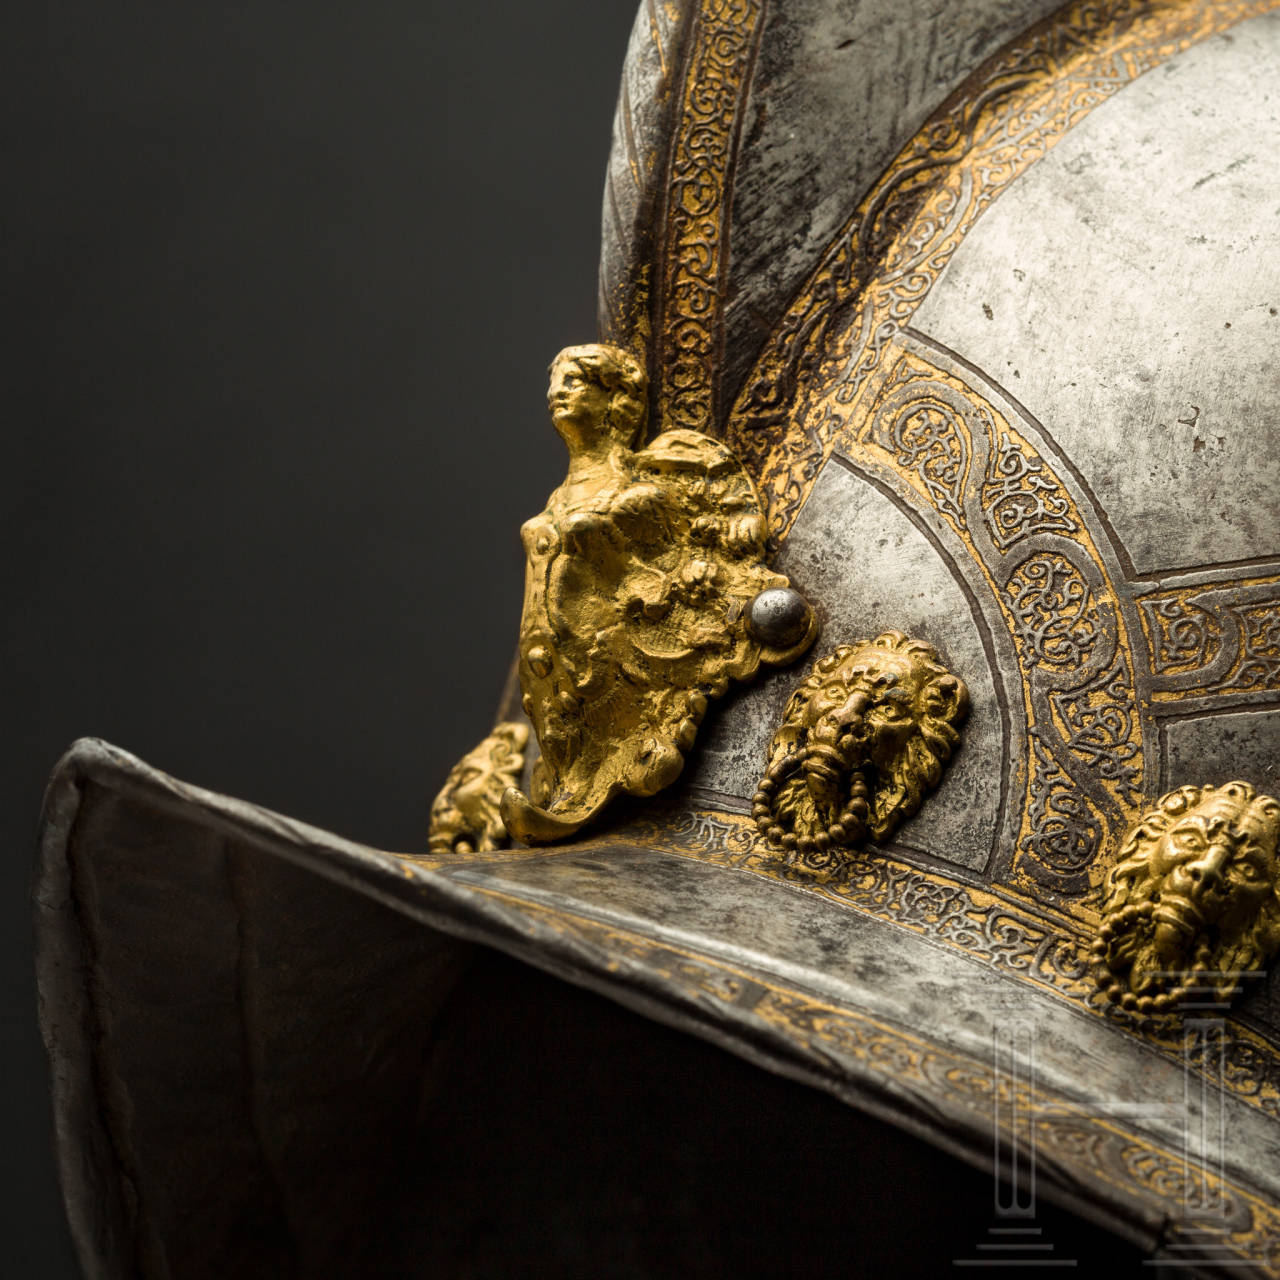 Geätzter und vergoldeter Morion der sächsischen Trabantengarde, Nürnberg, Ende 16. Jhdt.